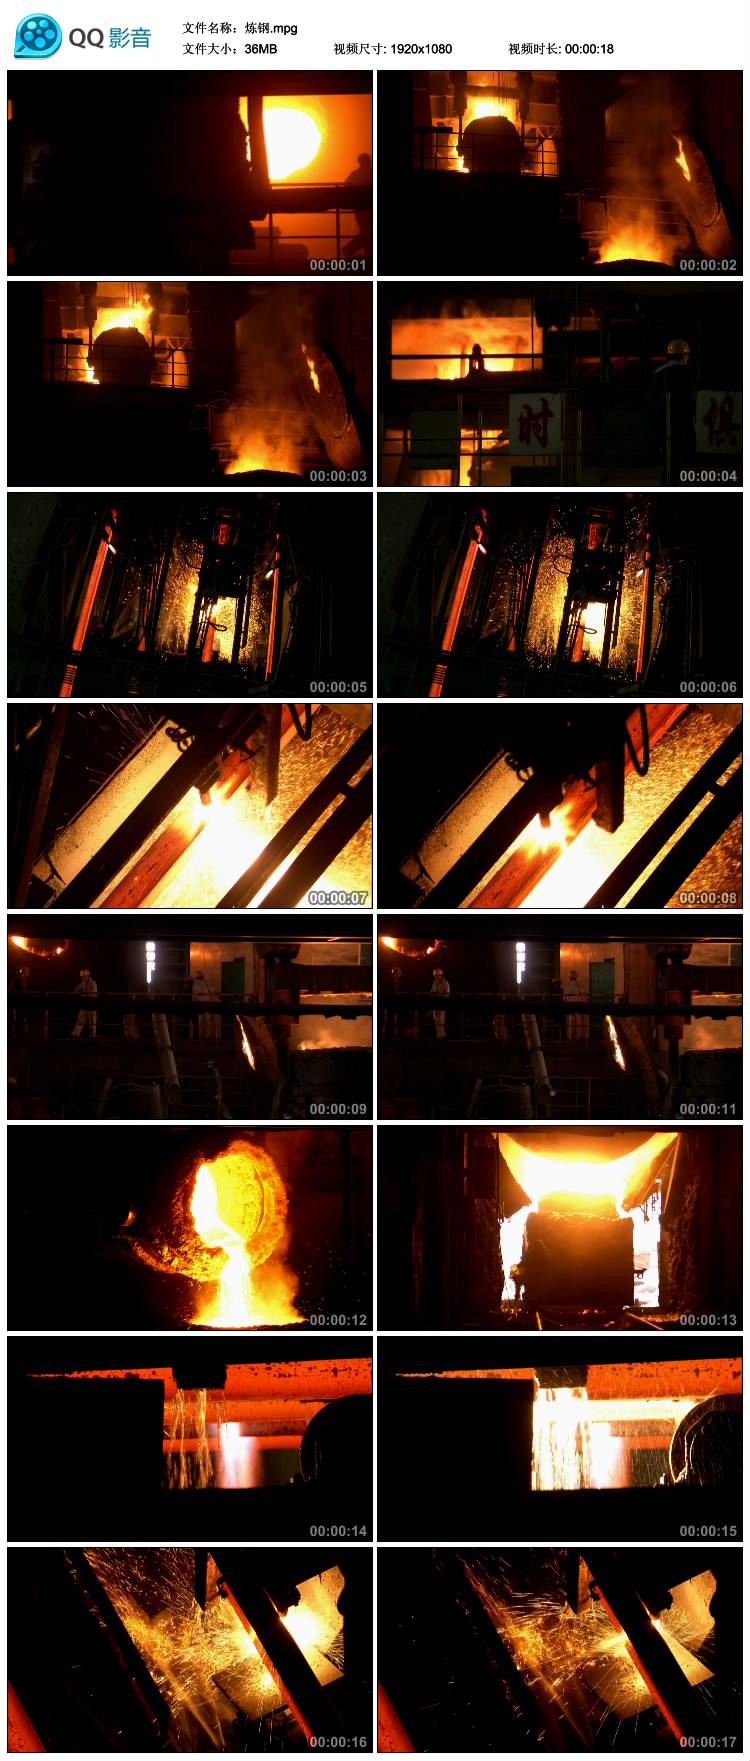 炼钢炼铁钢铁生产 高清实拍视频素材专题片宣传片微电影